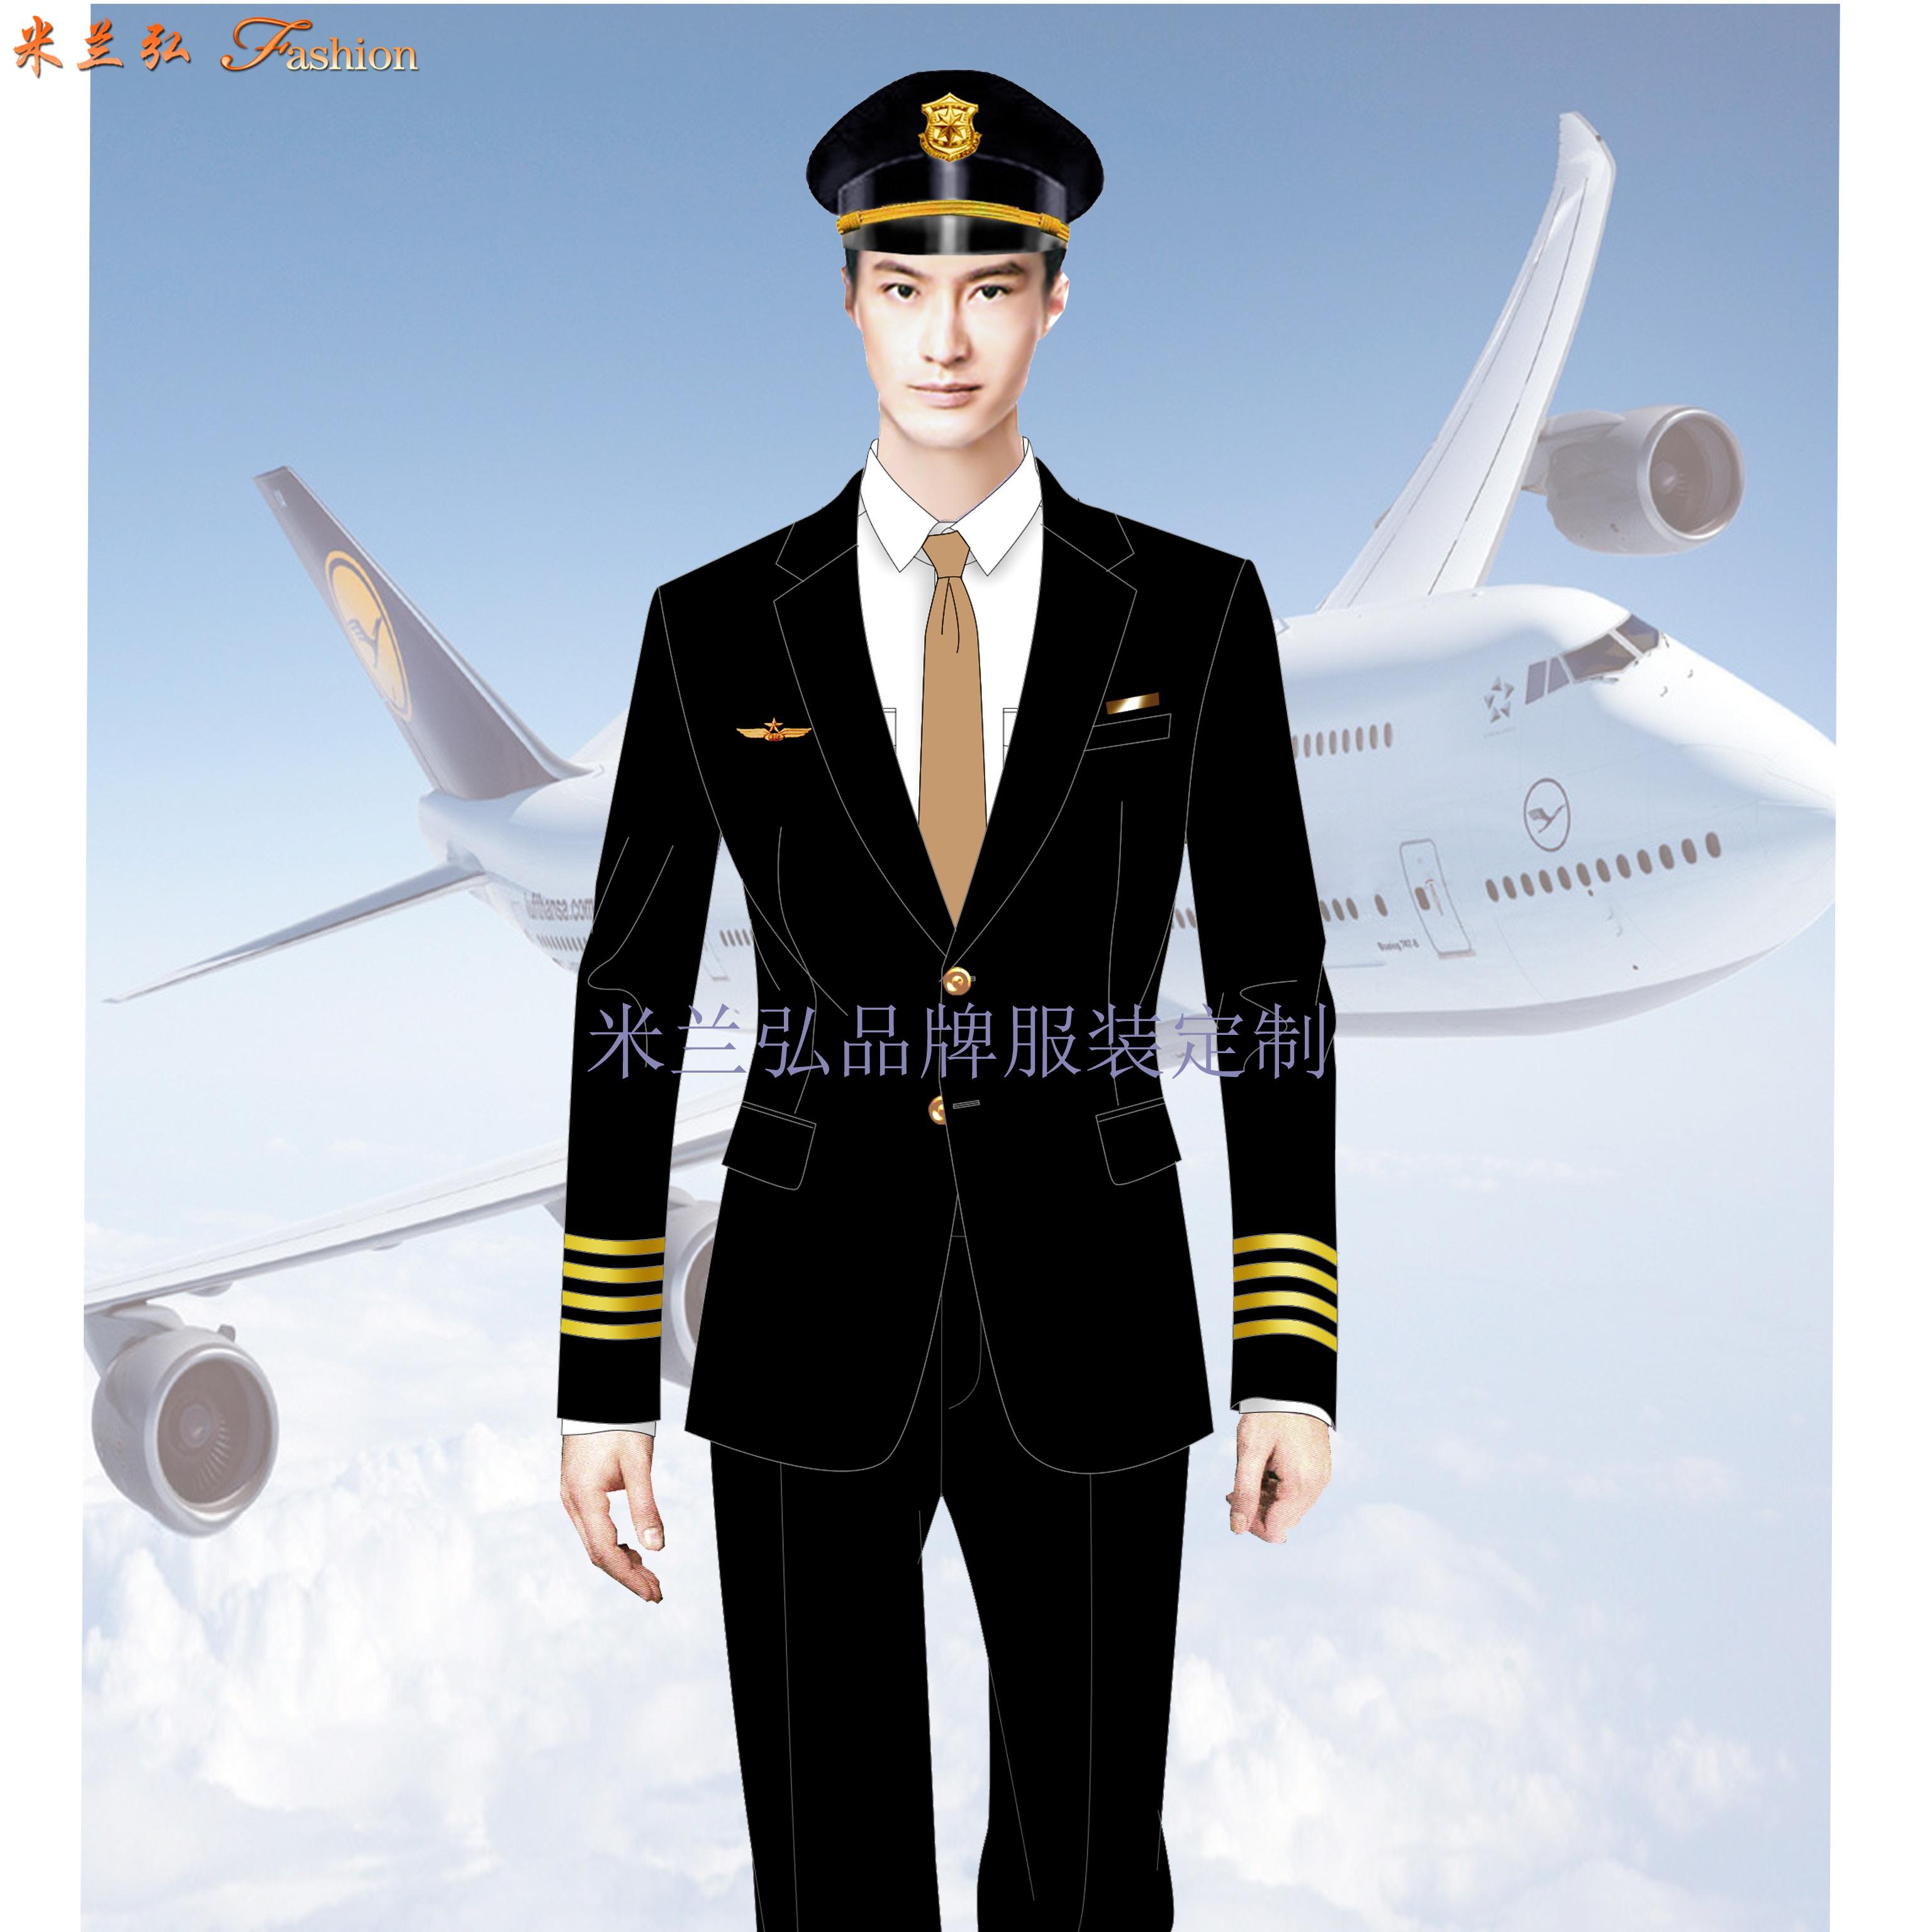 航空機長制服|圖片_價格_參數_面料_尺寸-米蘭弘服裝-3